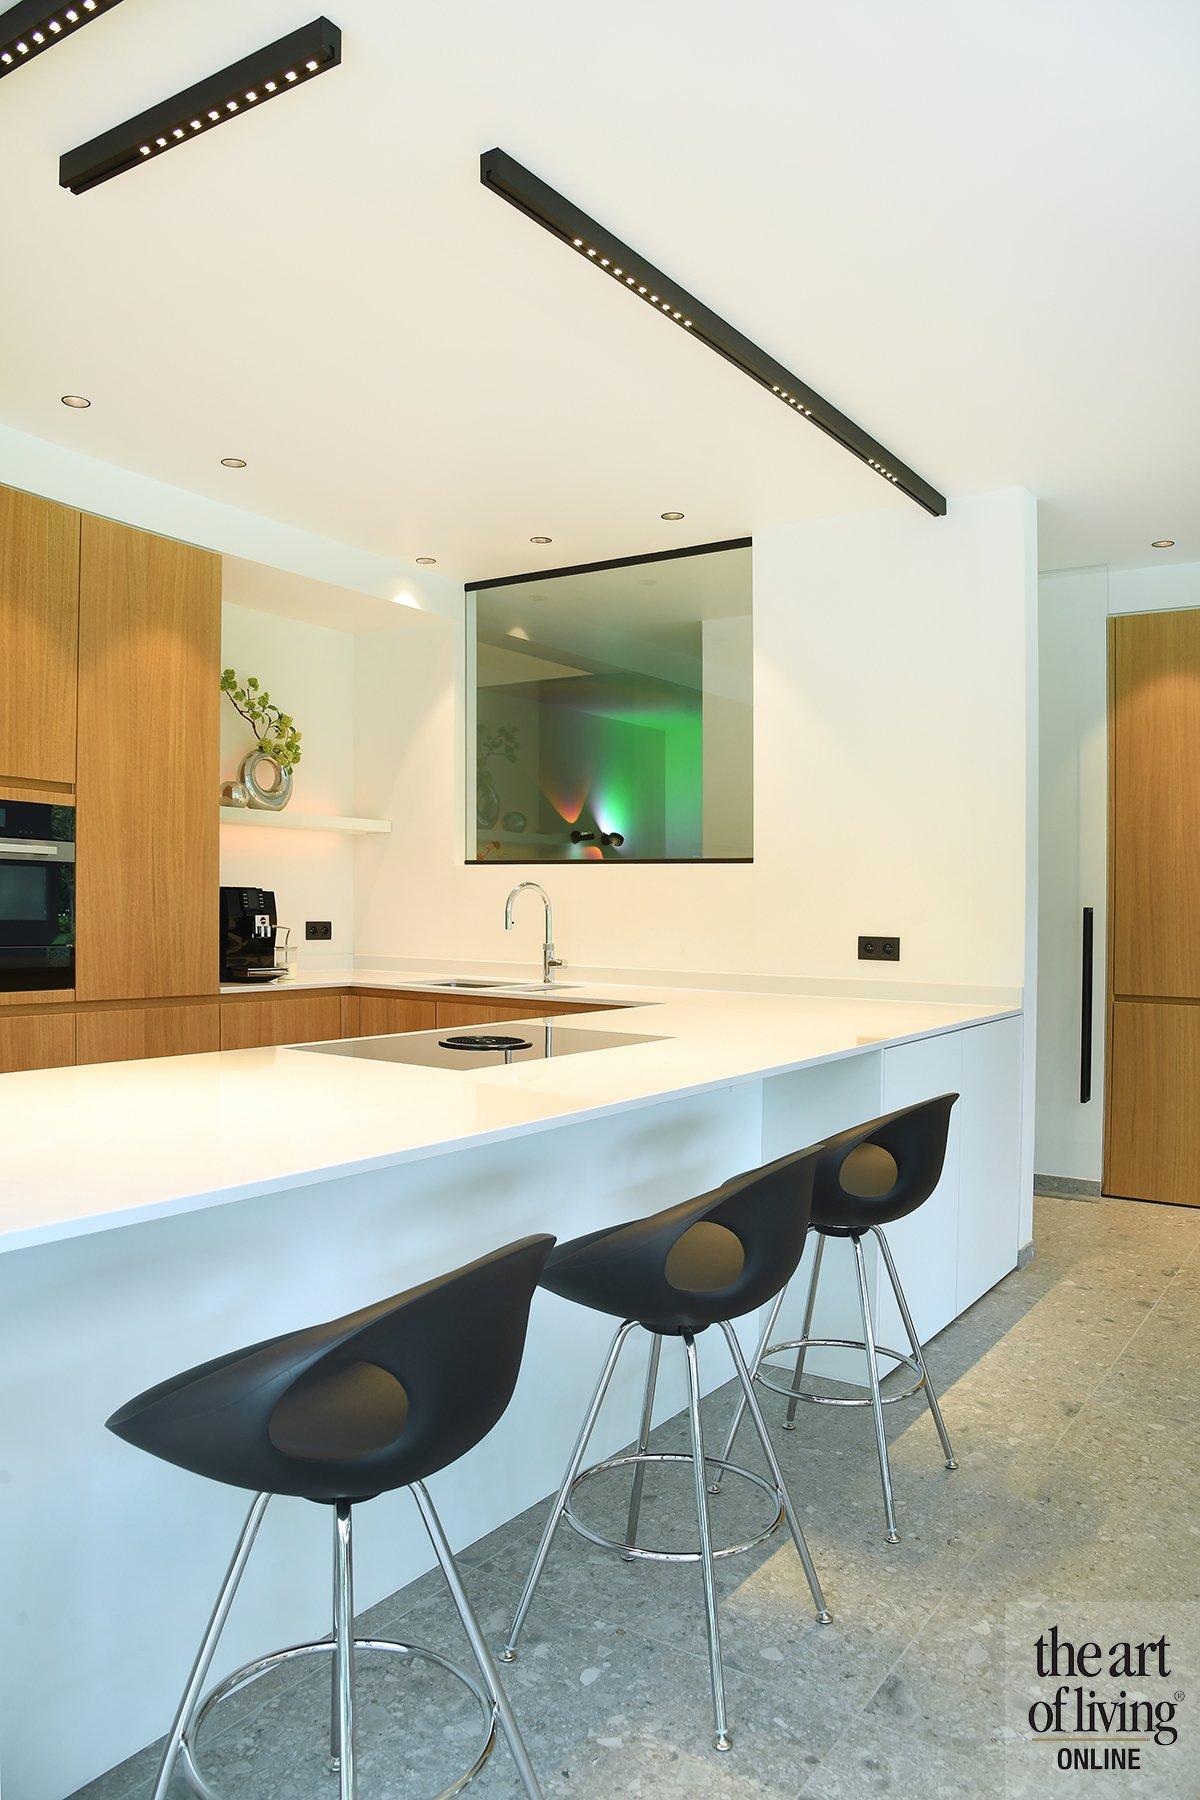 minimalistische villa, NANO Architecten, the art of living